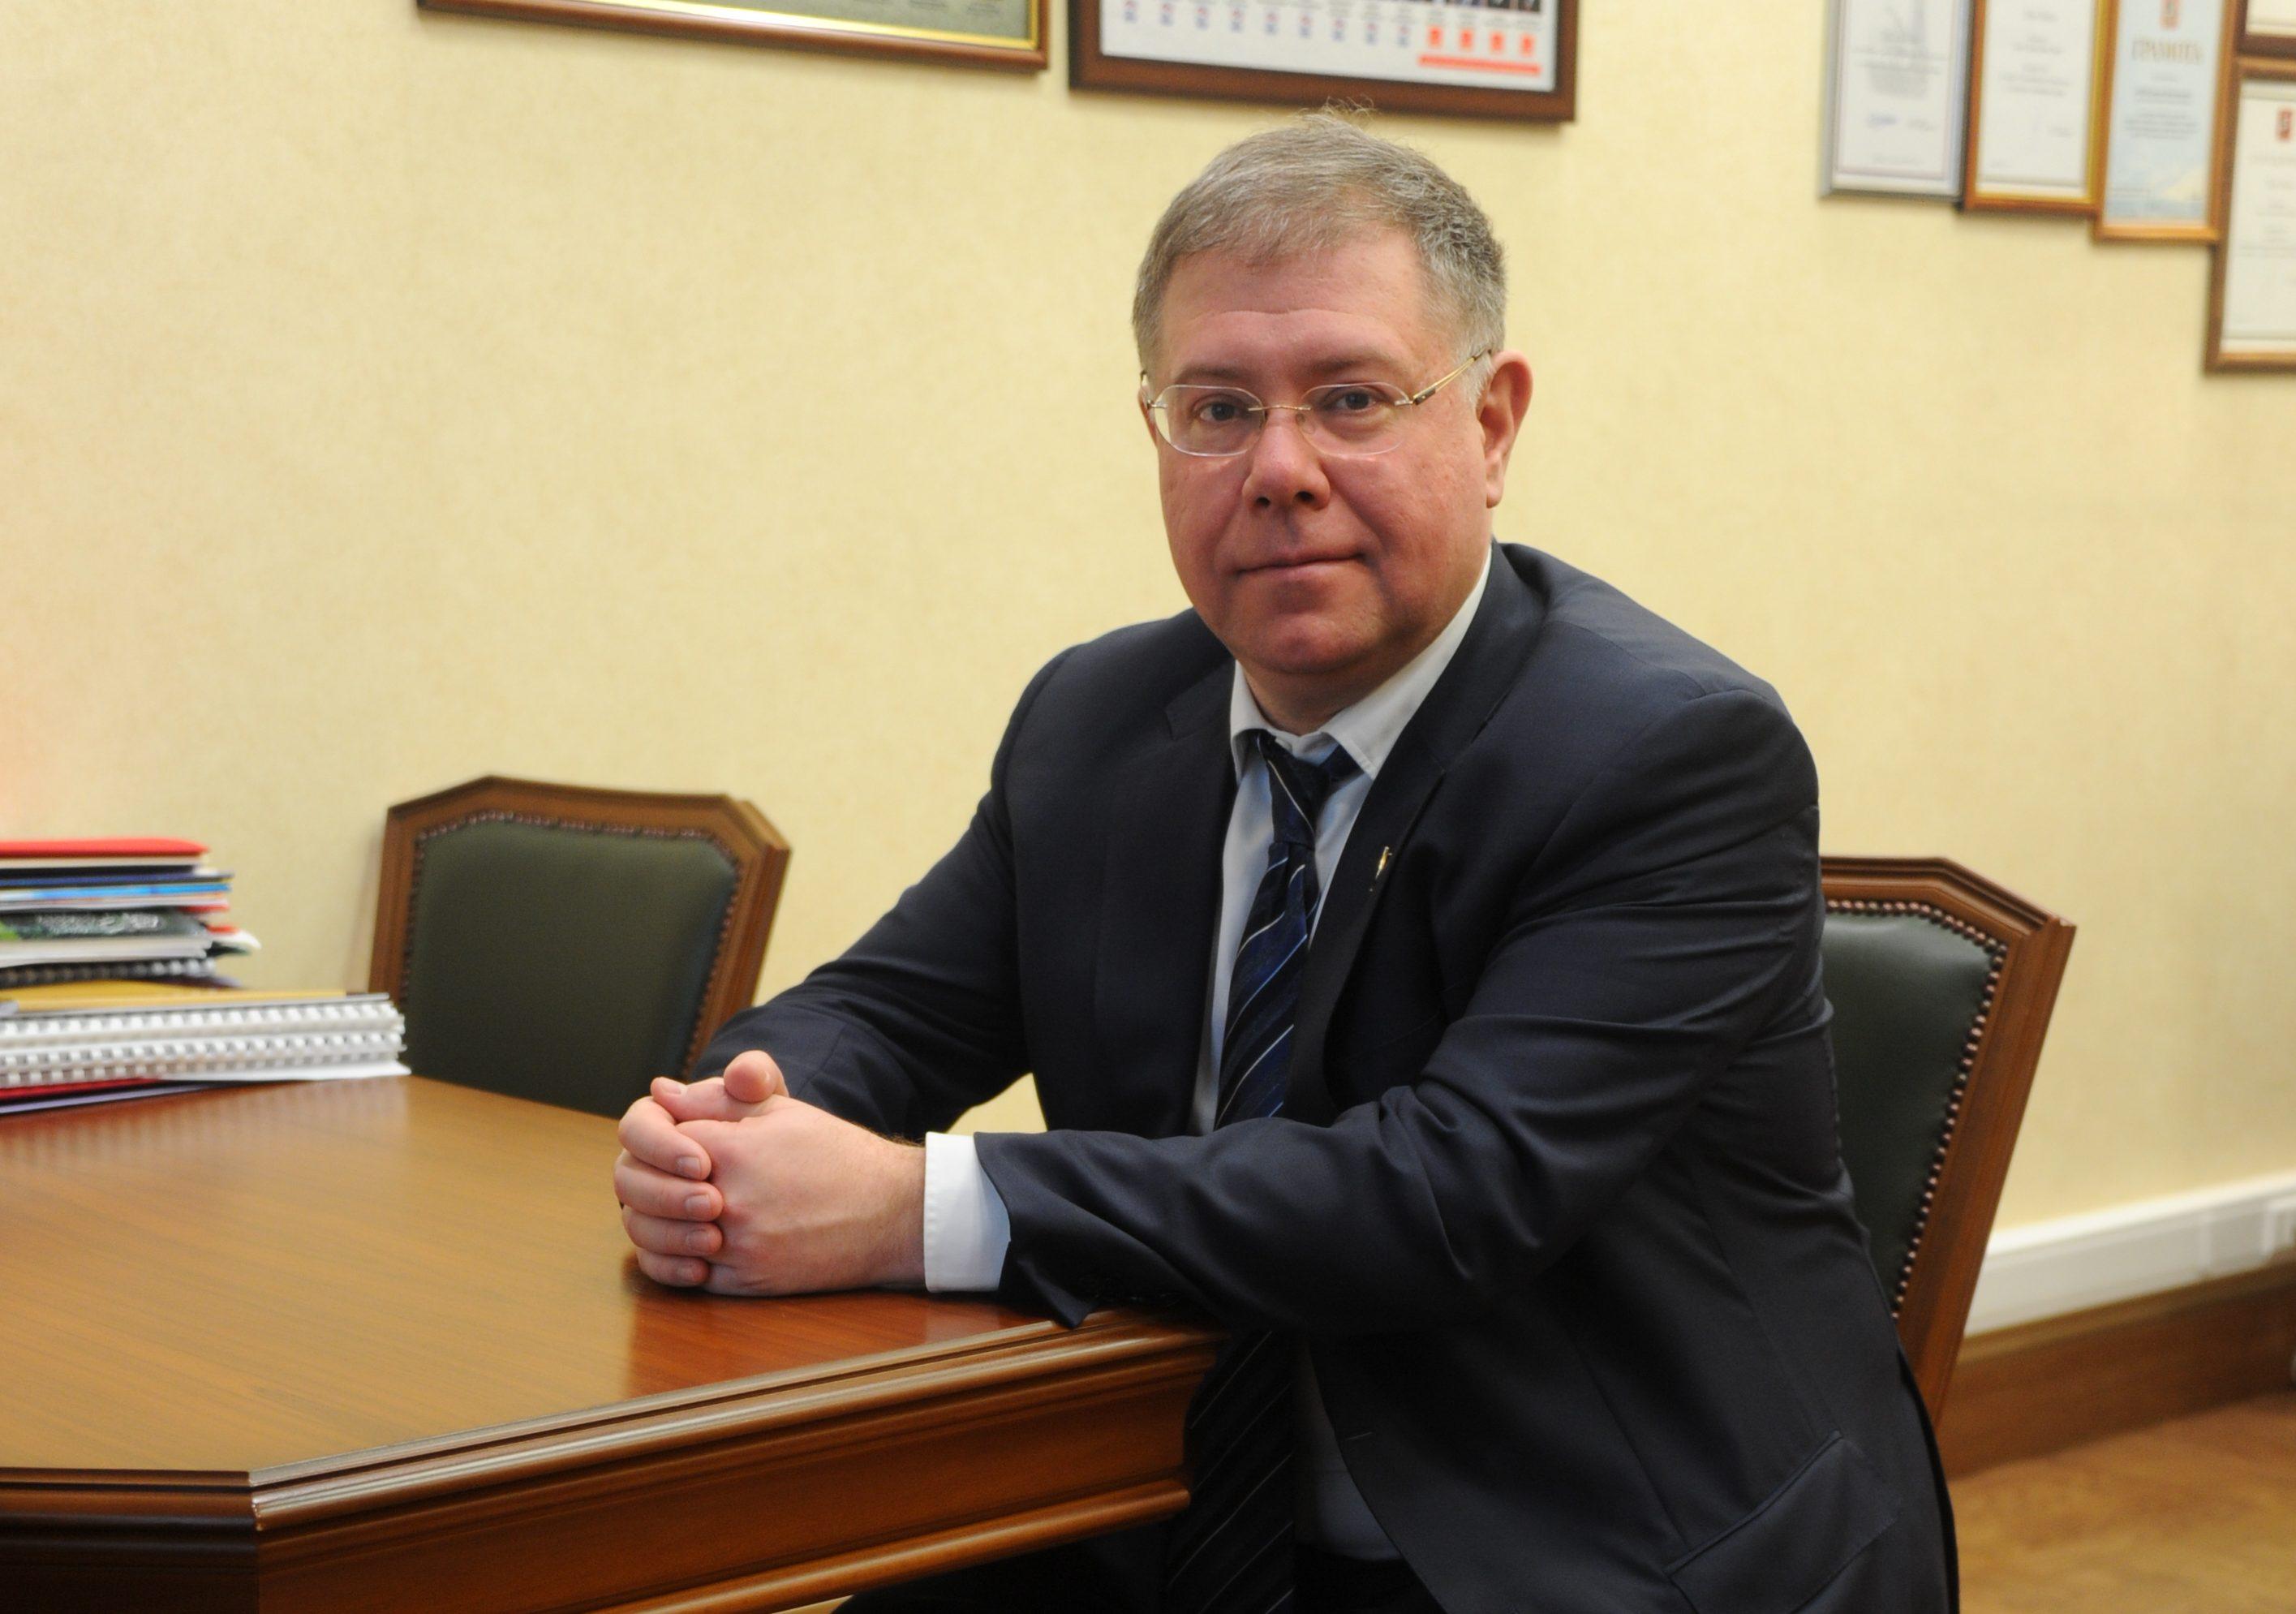 Депутат Мосгордумы Степан Орлов: Капремонт жилья в Москве идет запланированными темпами